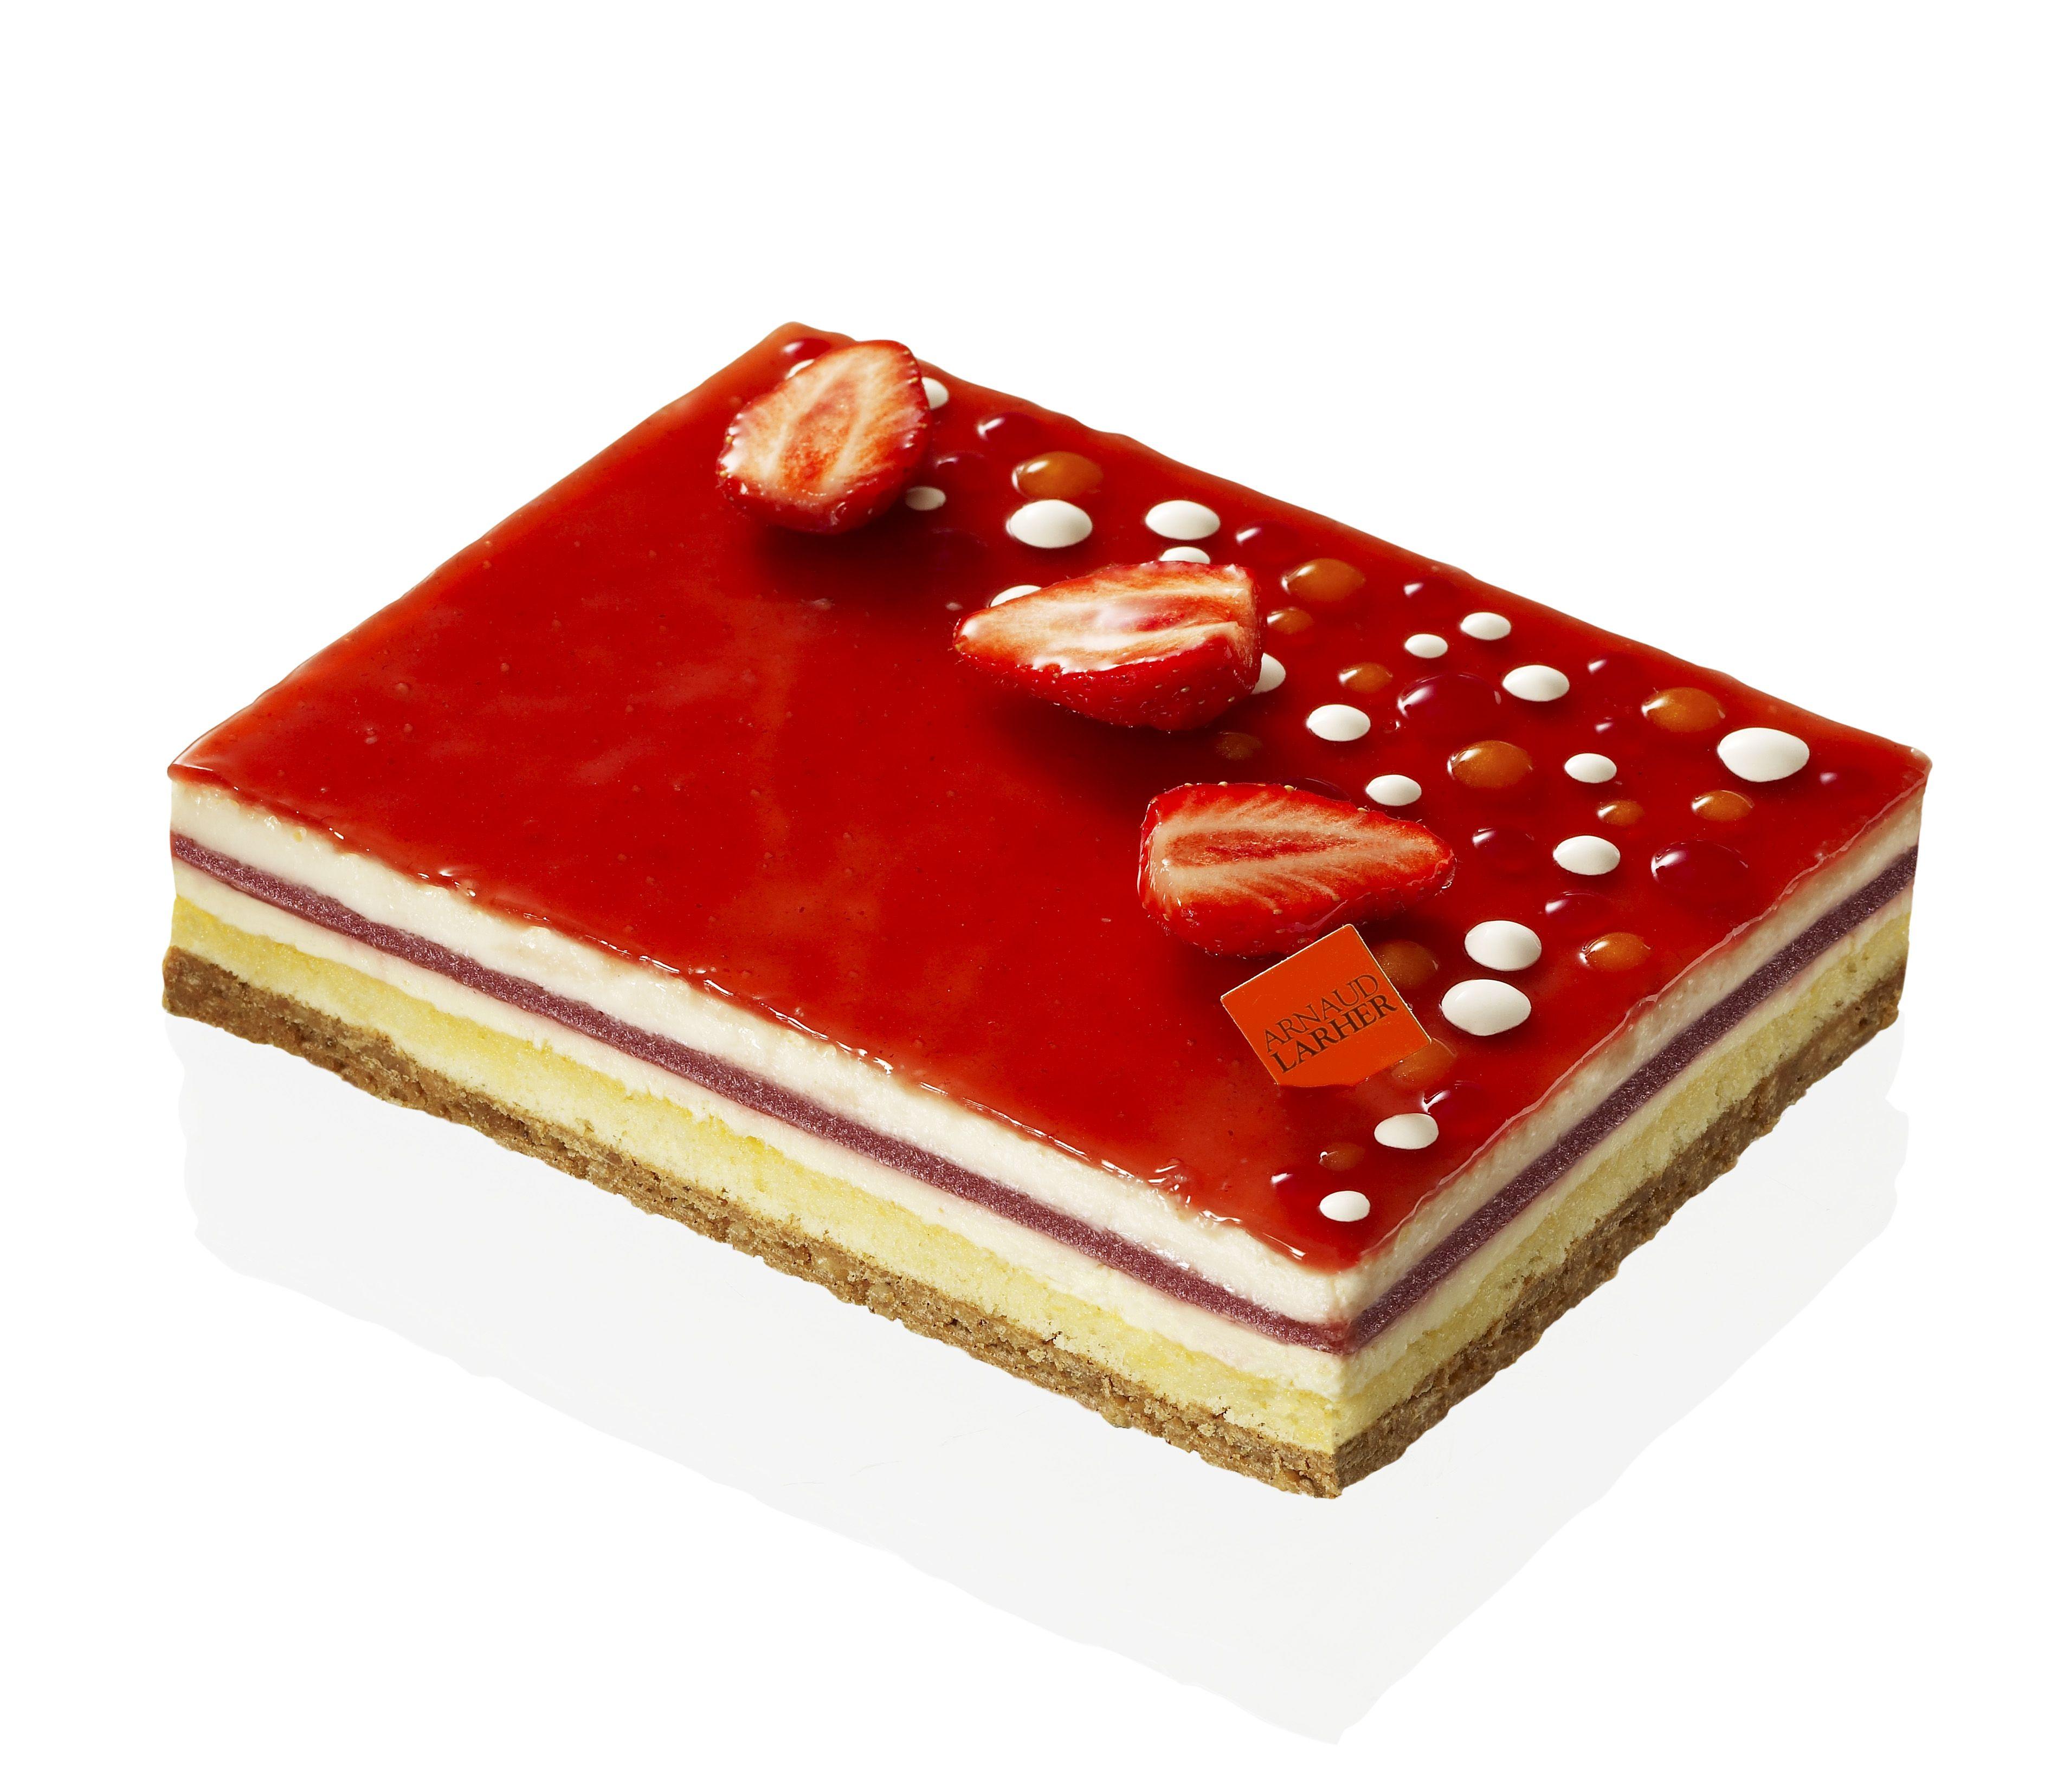 Prix En Euro Cheese Cake